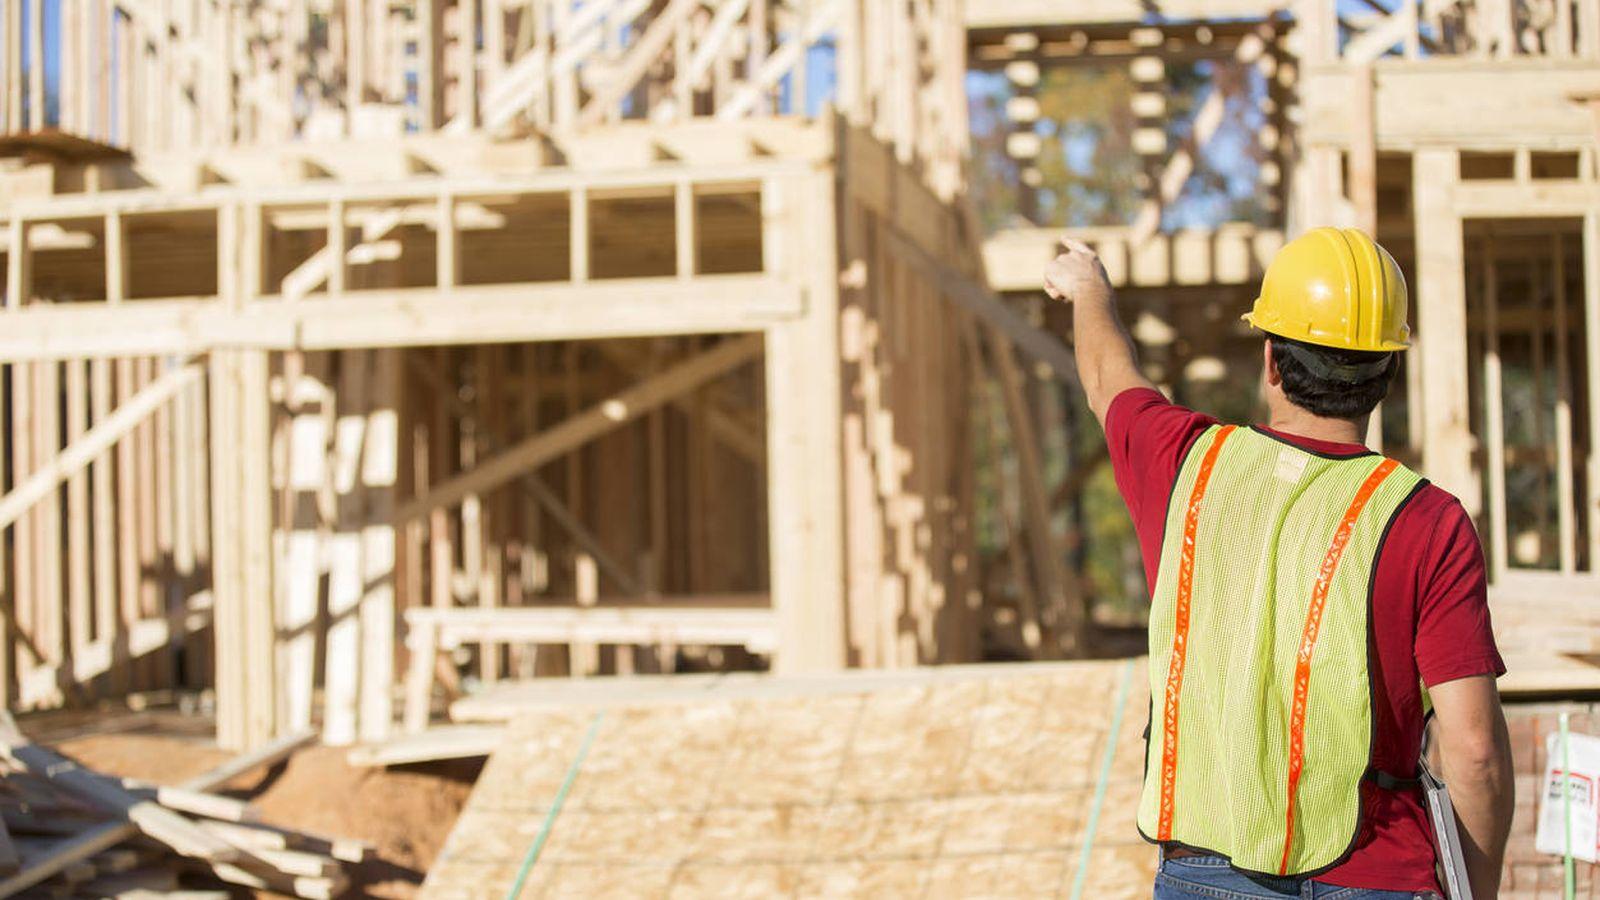 vivienda construir tu propia casa la ltima moda tras la crisis que permite ahorrar miles de euros noticias de vivienda